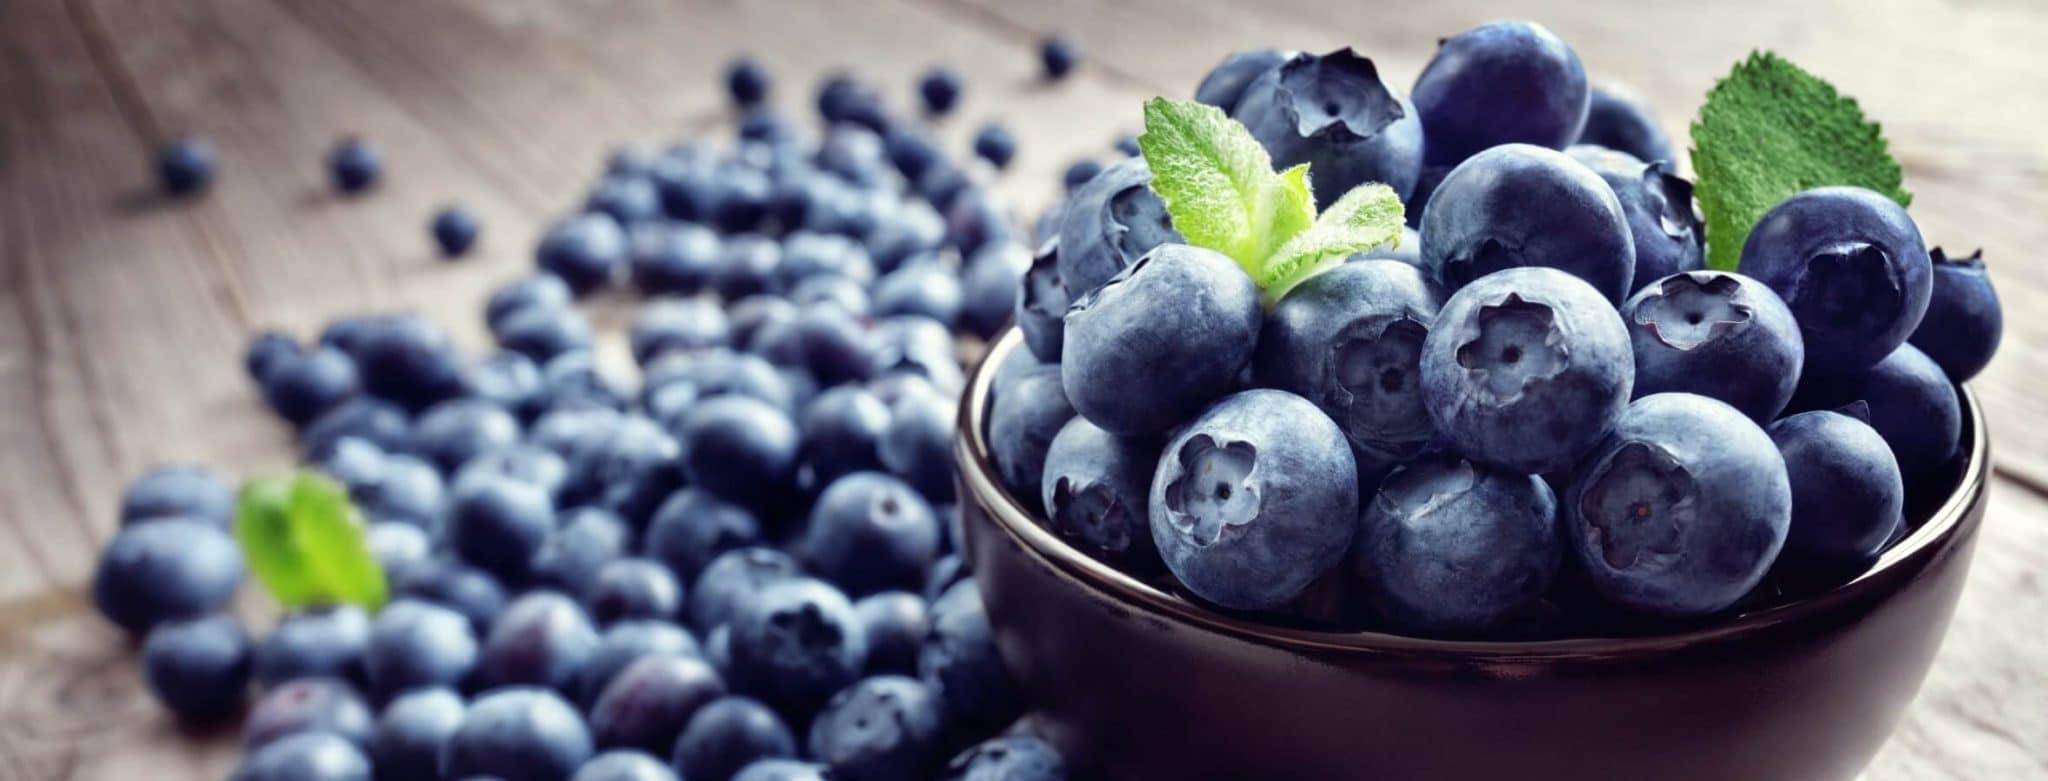 Anti Candida Pilz Diät - Gesundheitsanwendungen - Agenki